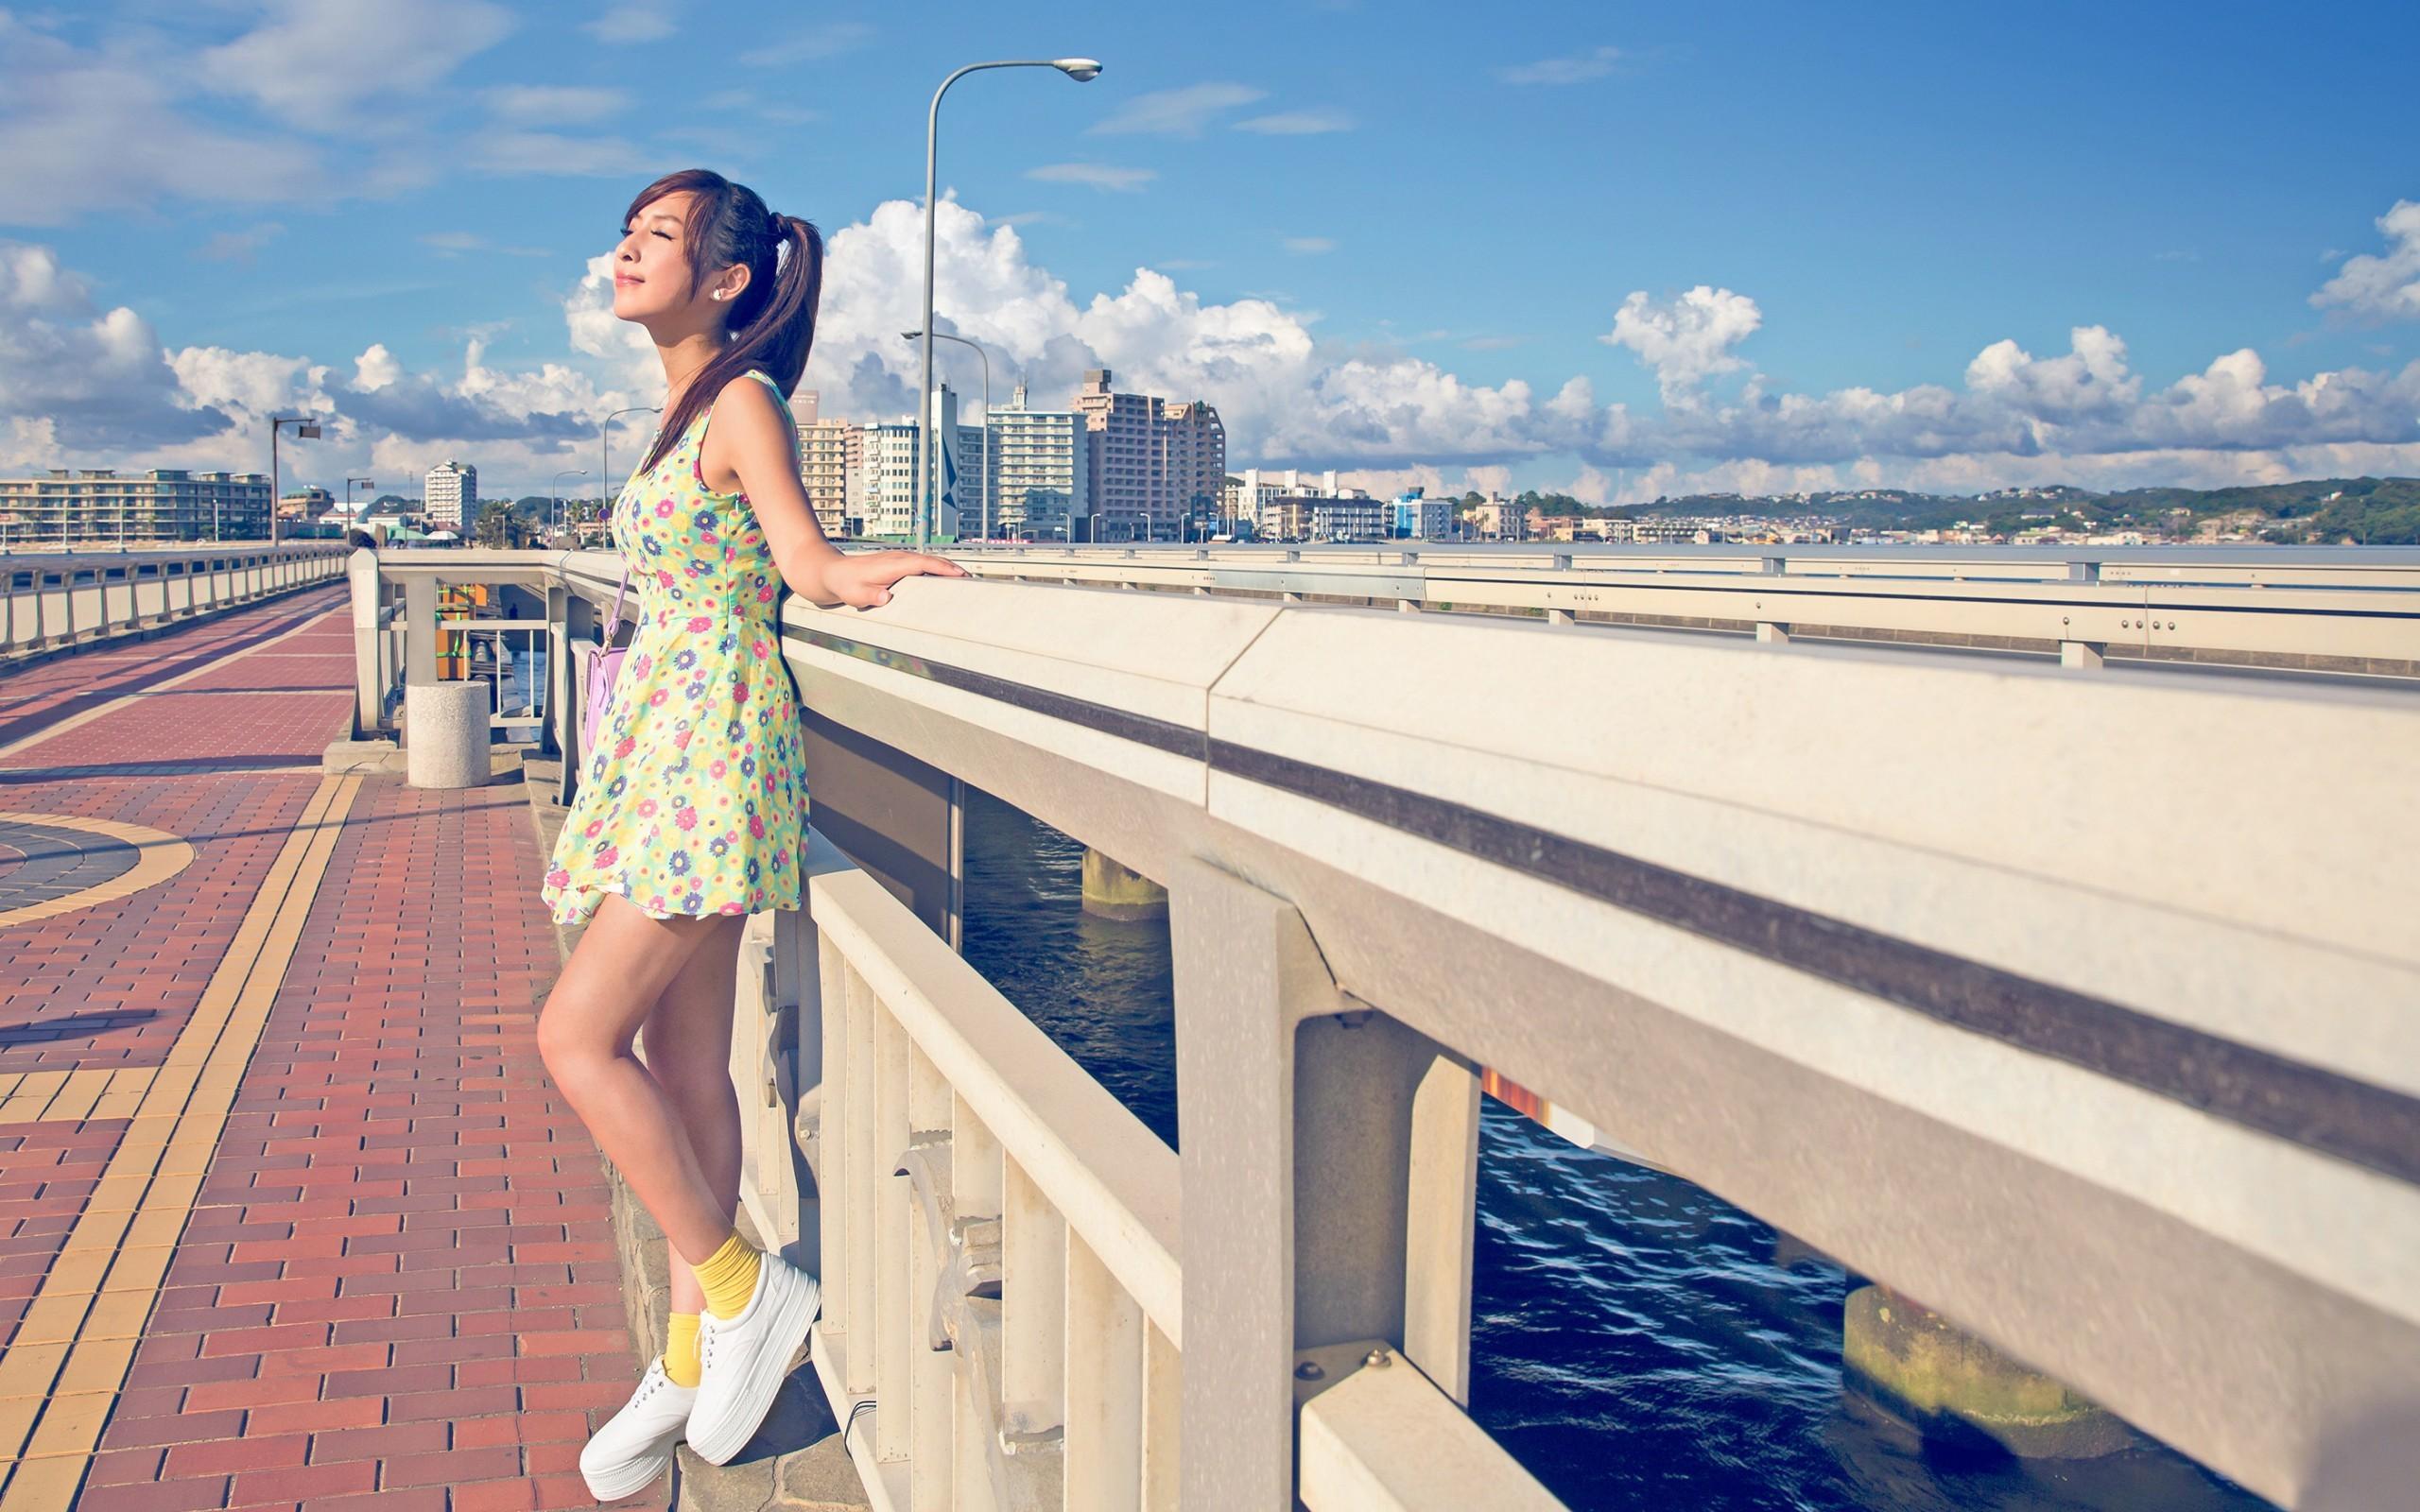 Картинка: Девушка, лето, солнце, город, река, мост, облака